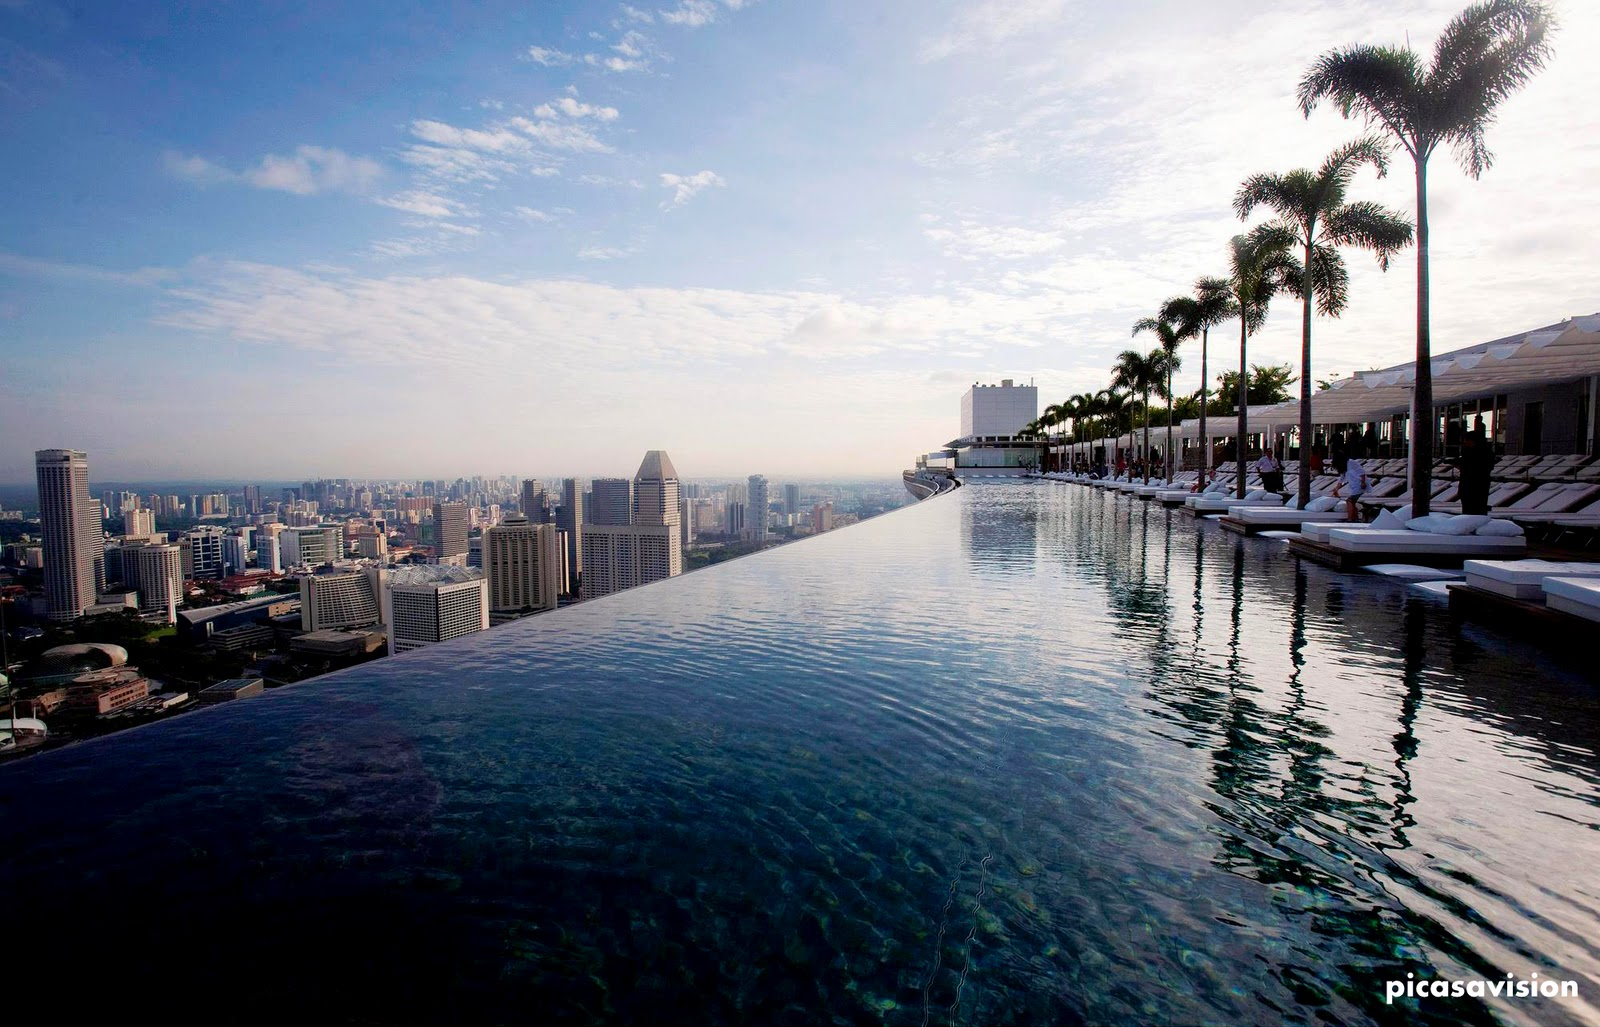 Picasa Vision: Swimming Pool on 55th Floor (Marina Bay